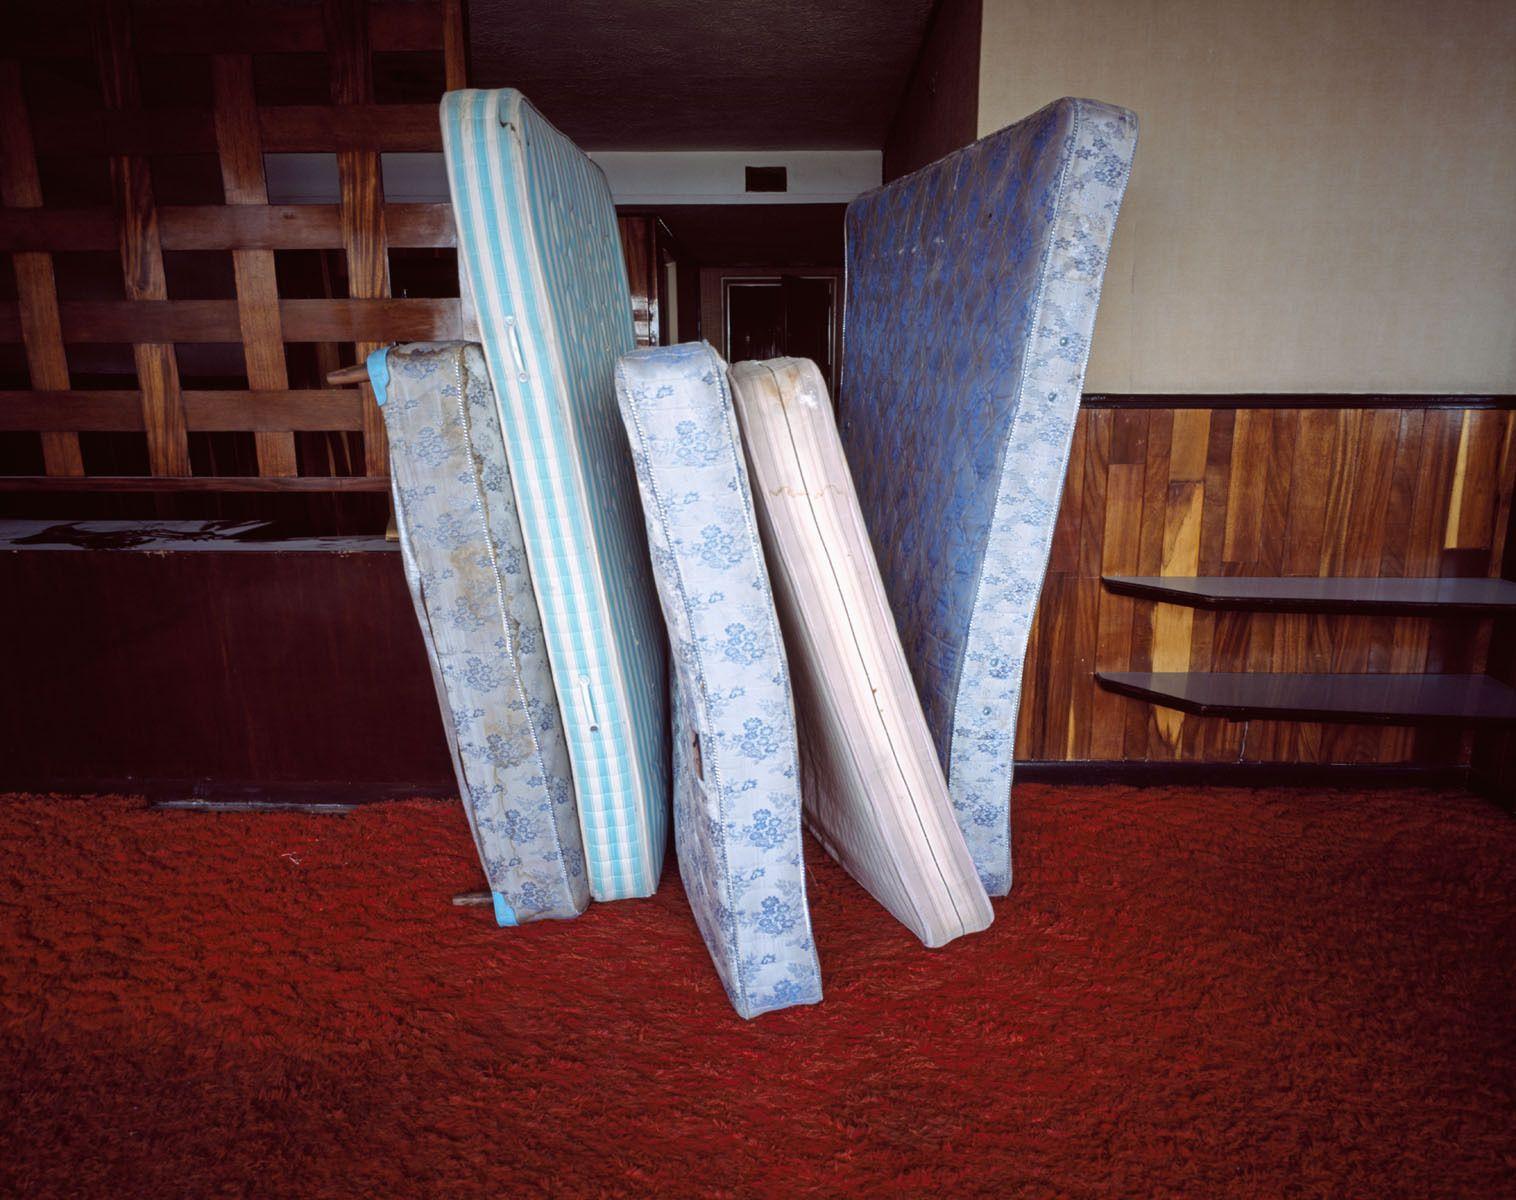 Beds, 2006